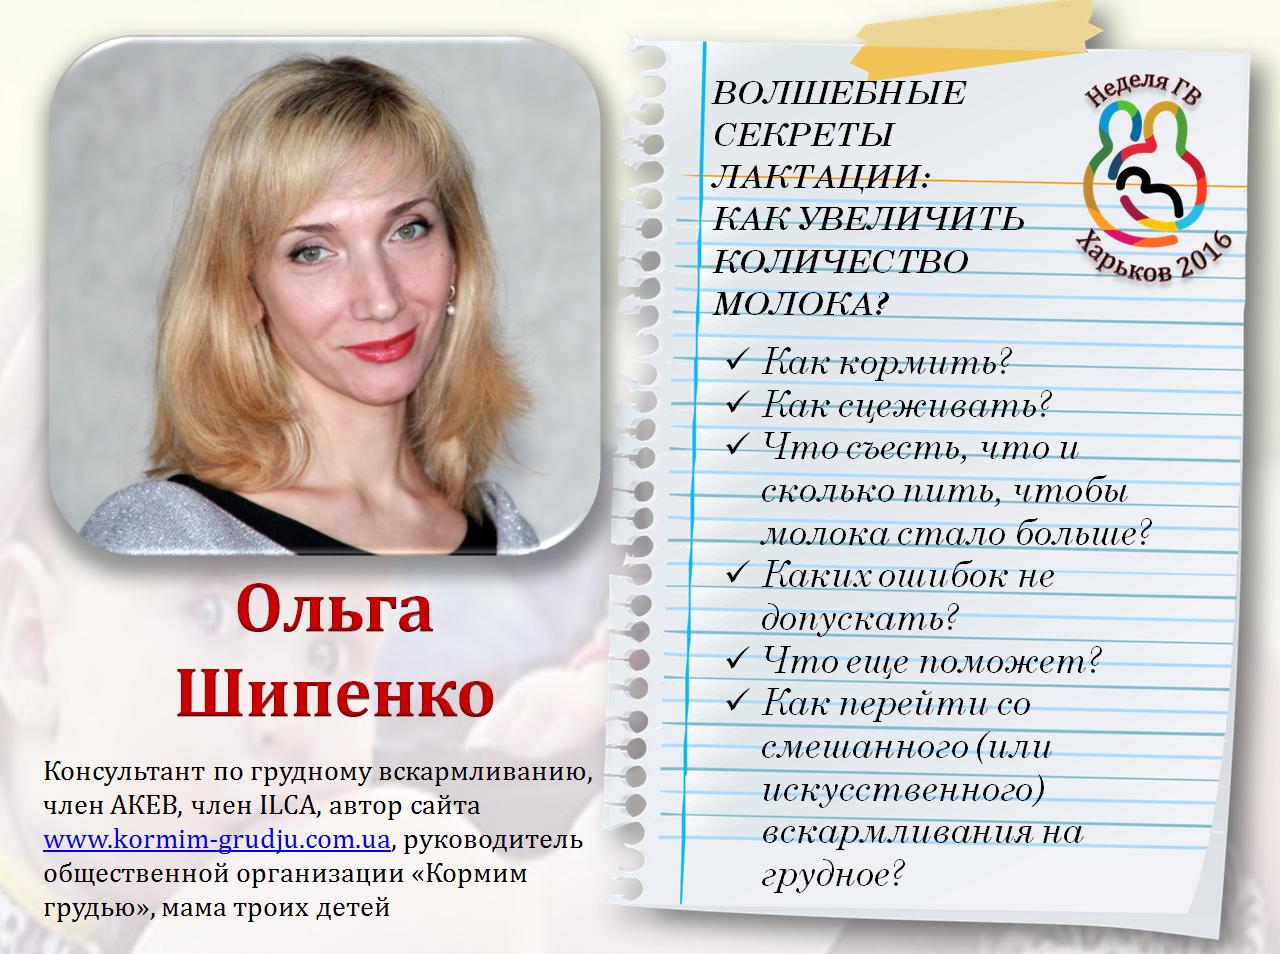 телефоны, часы консультант по гв красноярск отзывы рынке много бижутерии